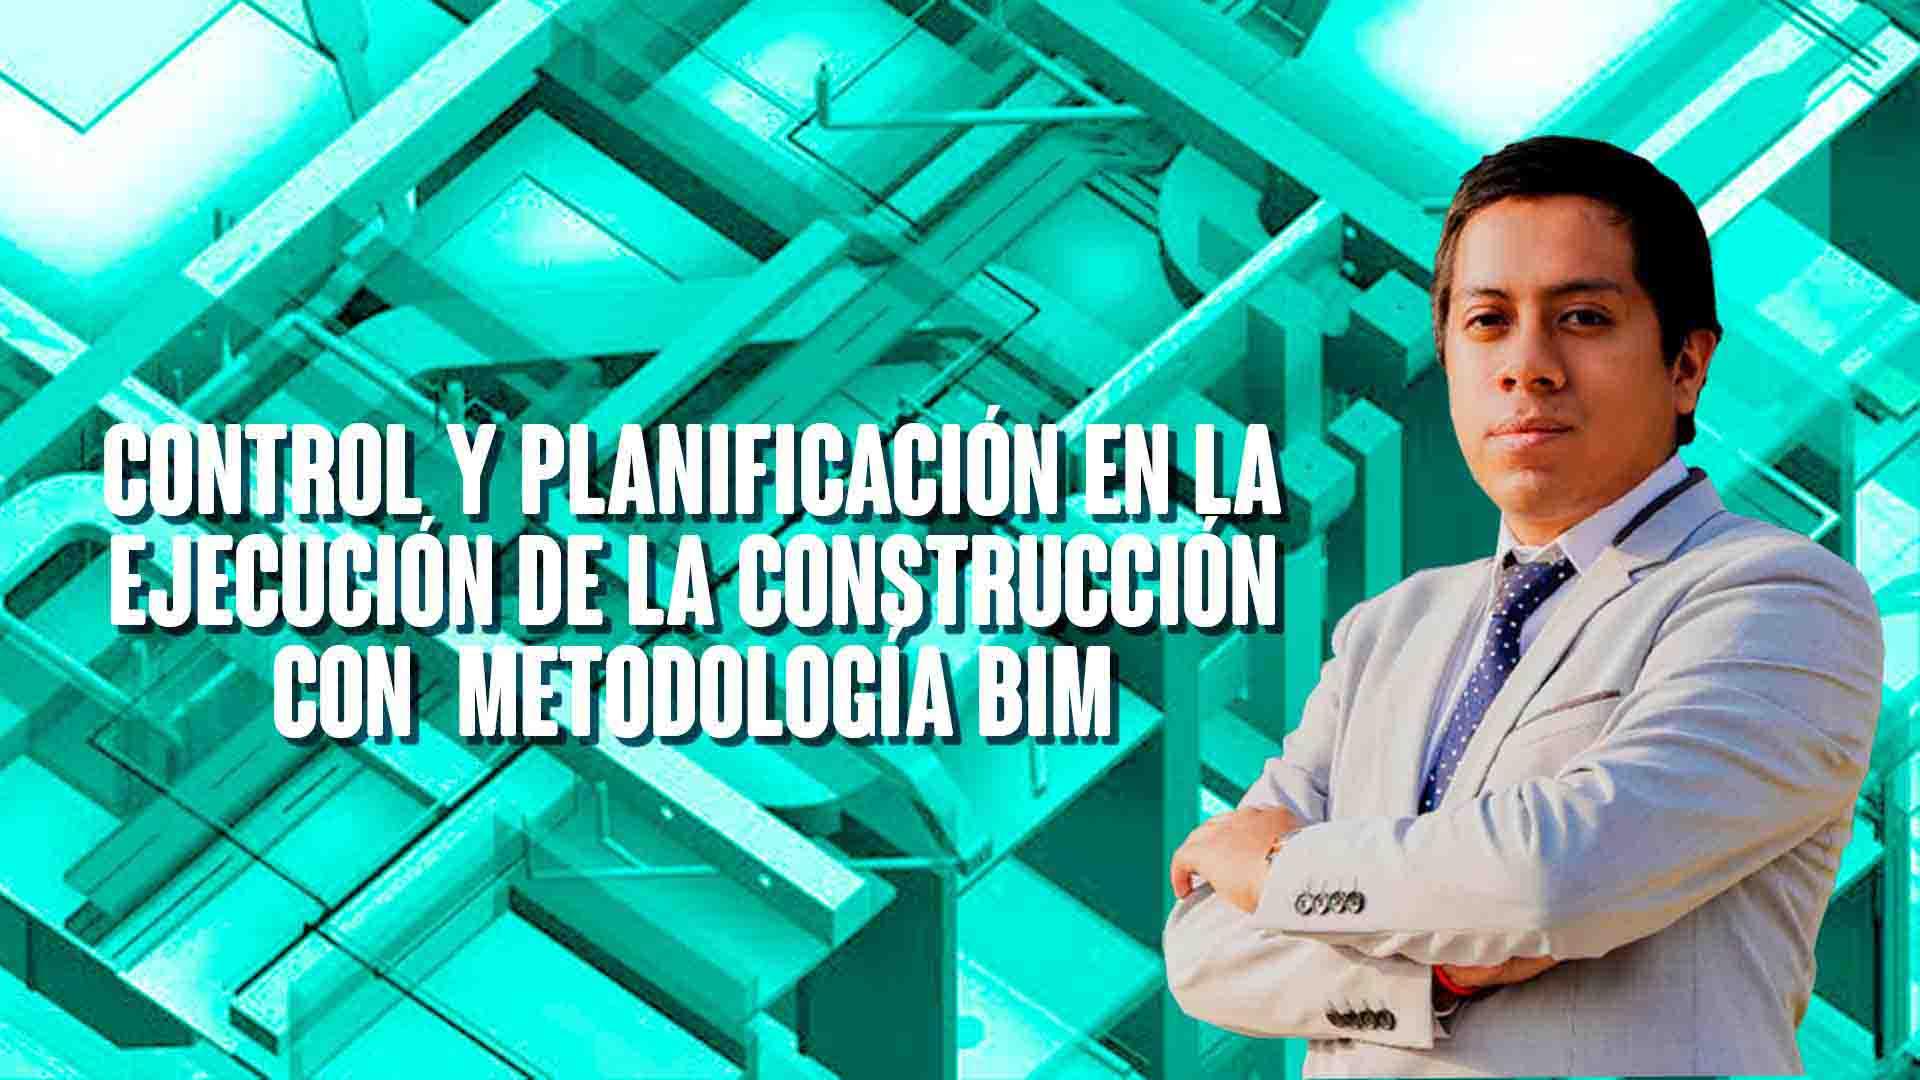 Control y planificación en la ejecución de la construcción con metodología BIM